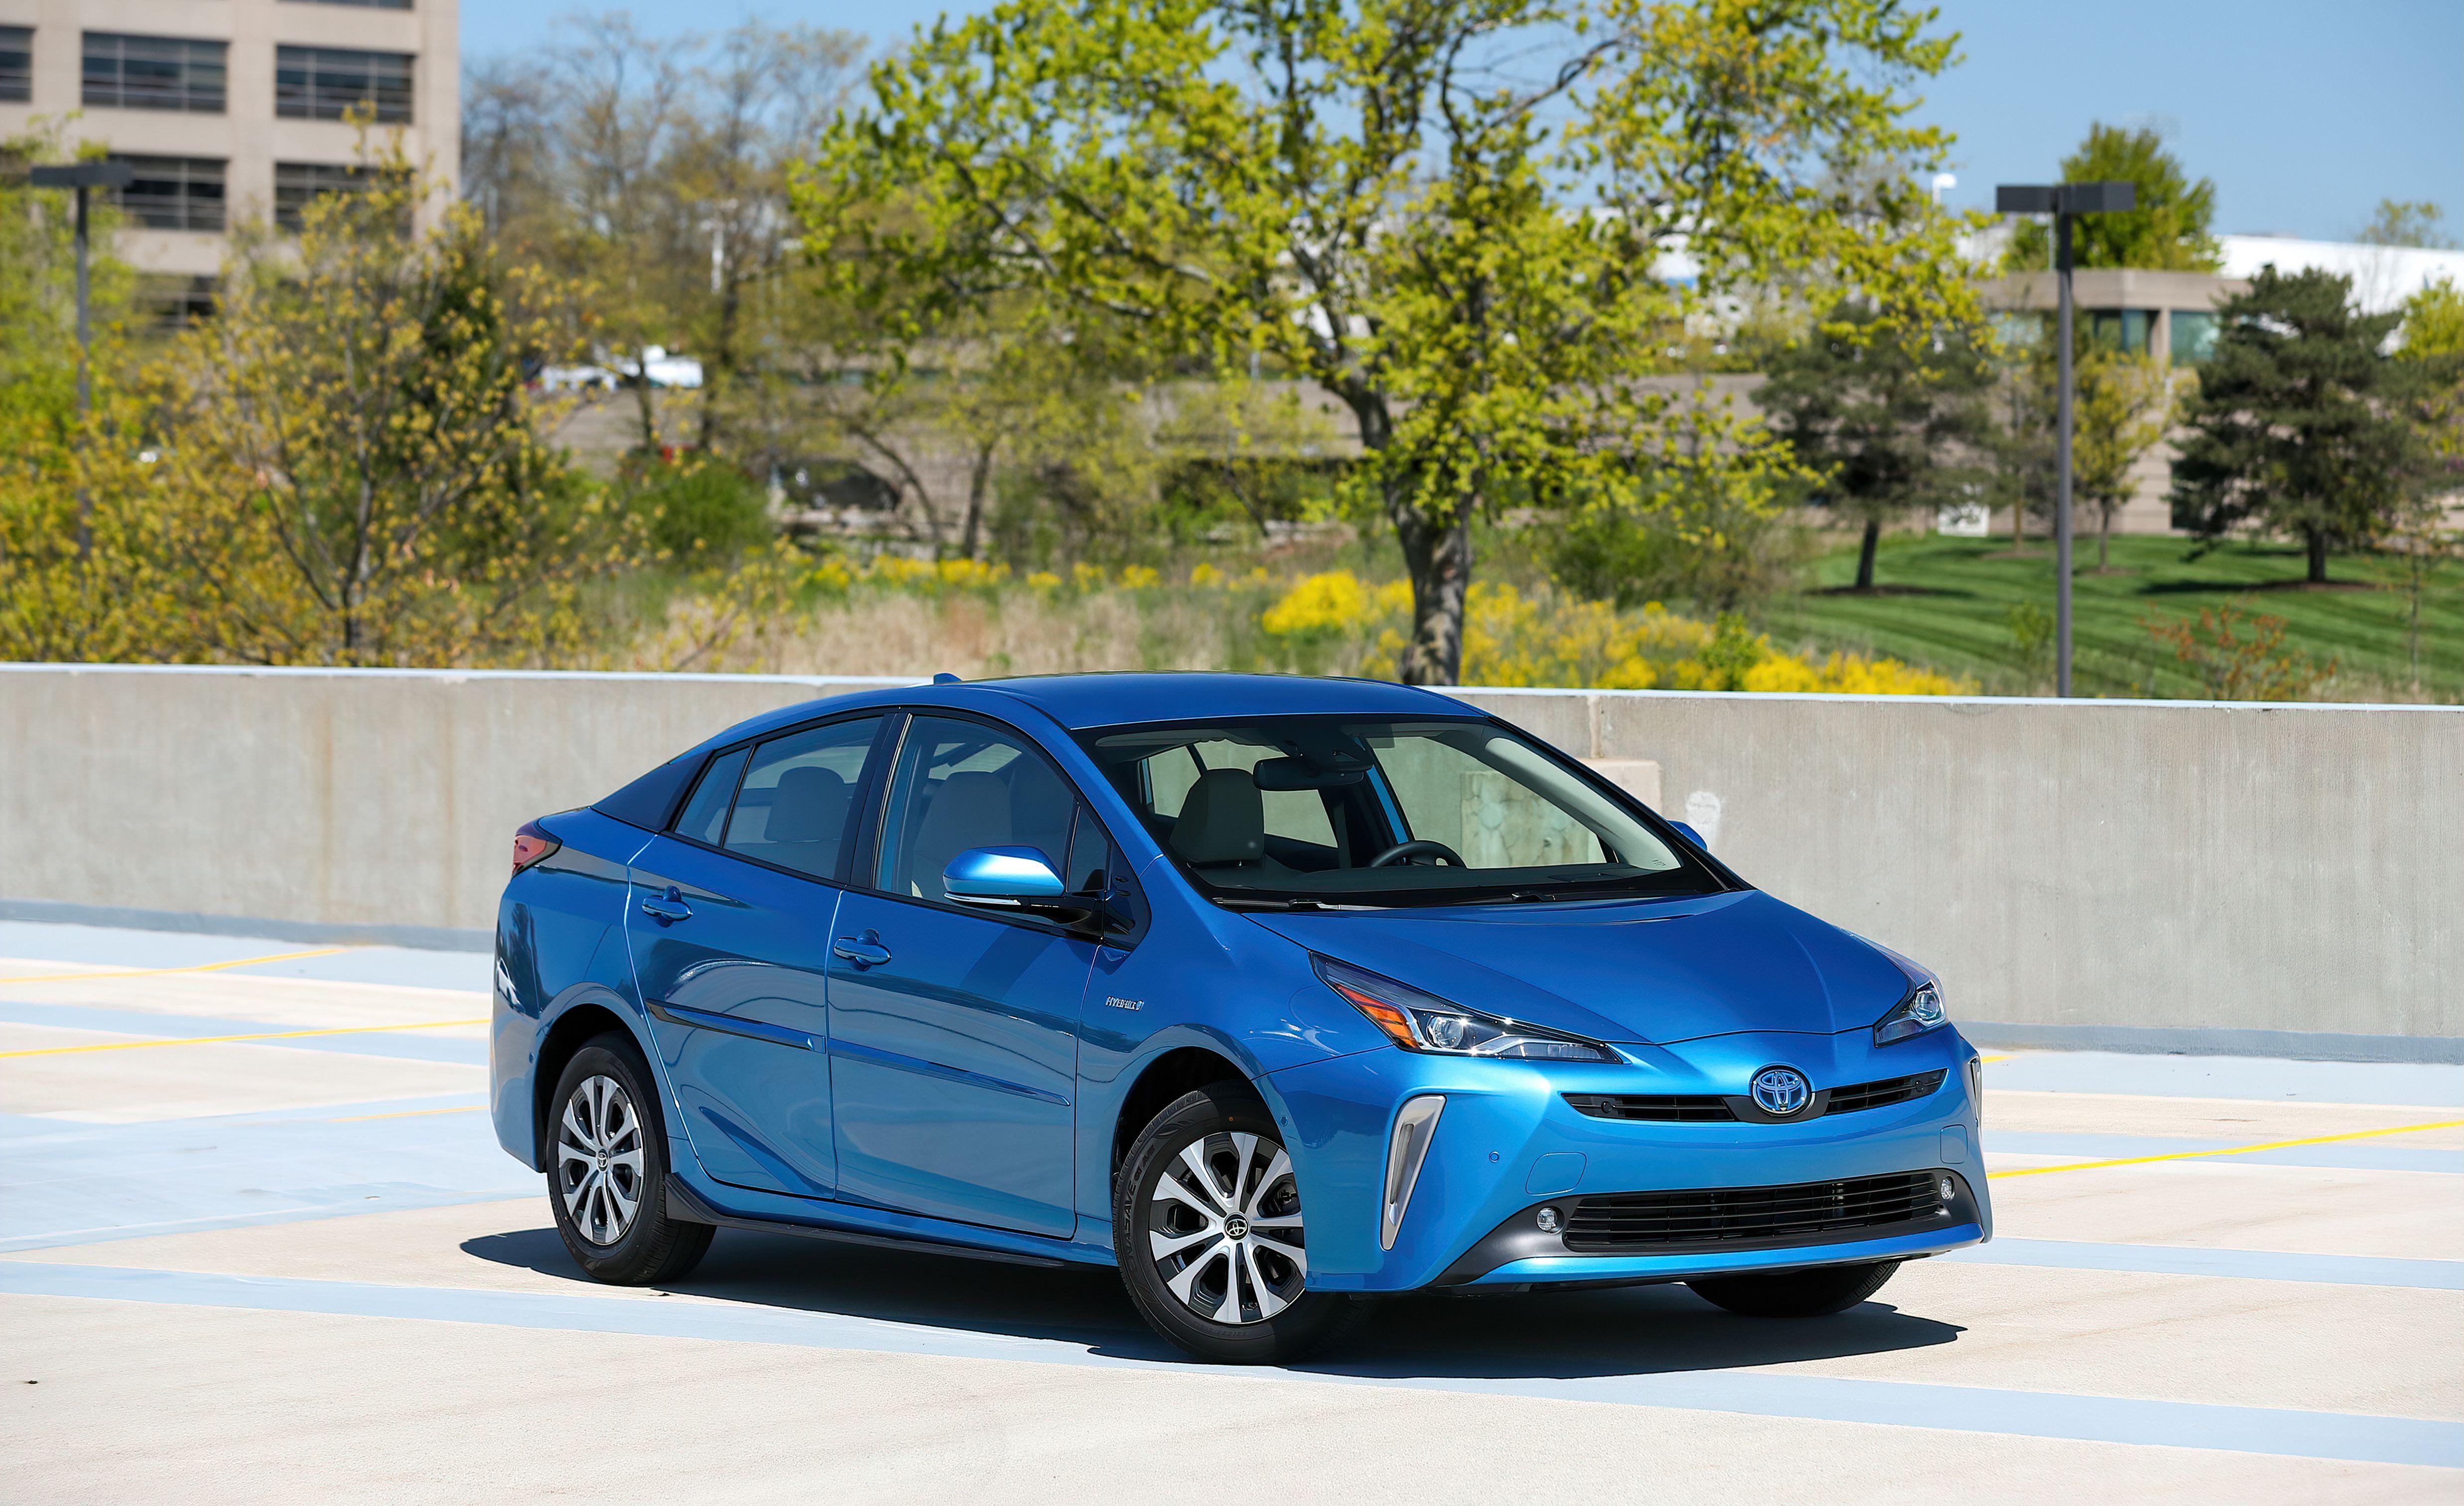 2020 Toyota Prius Gets Apple CarPlay and a Slight Price